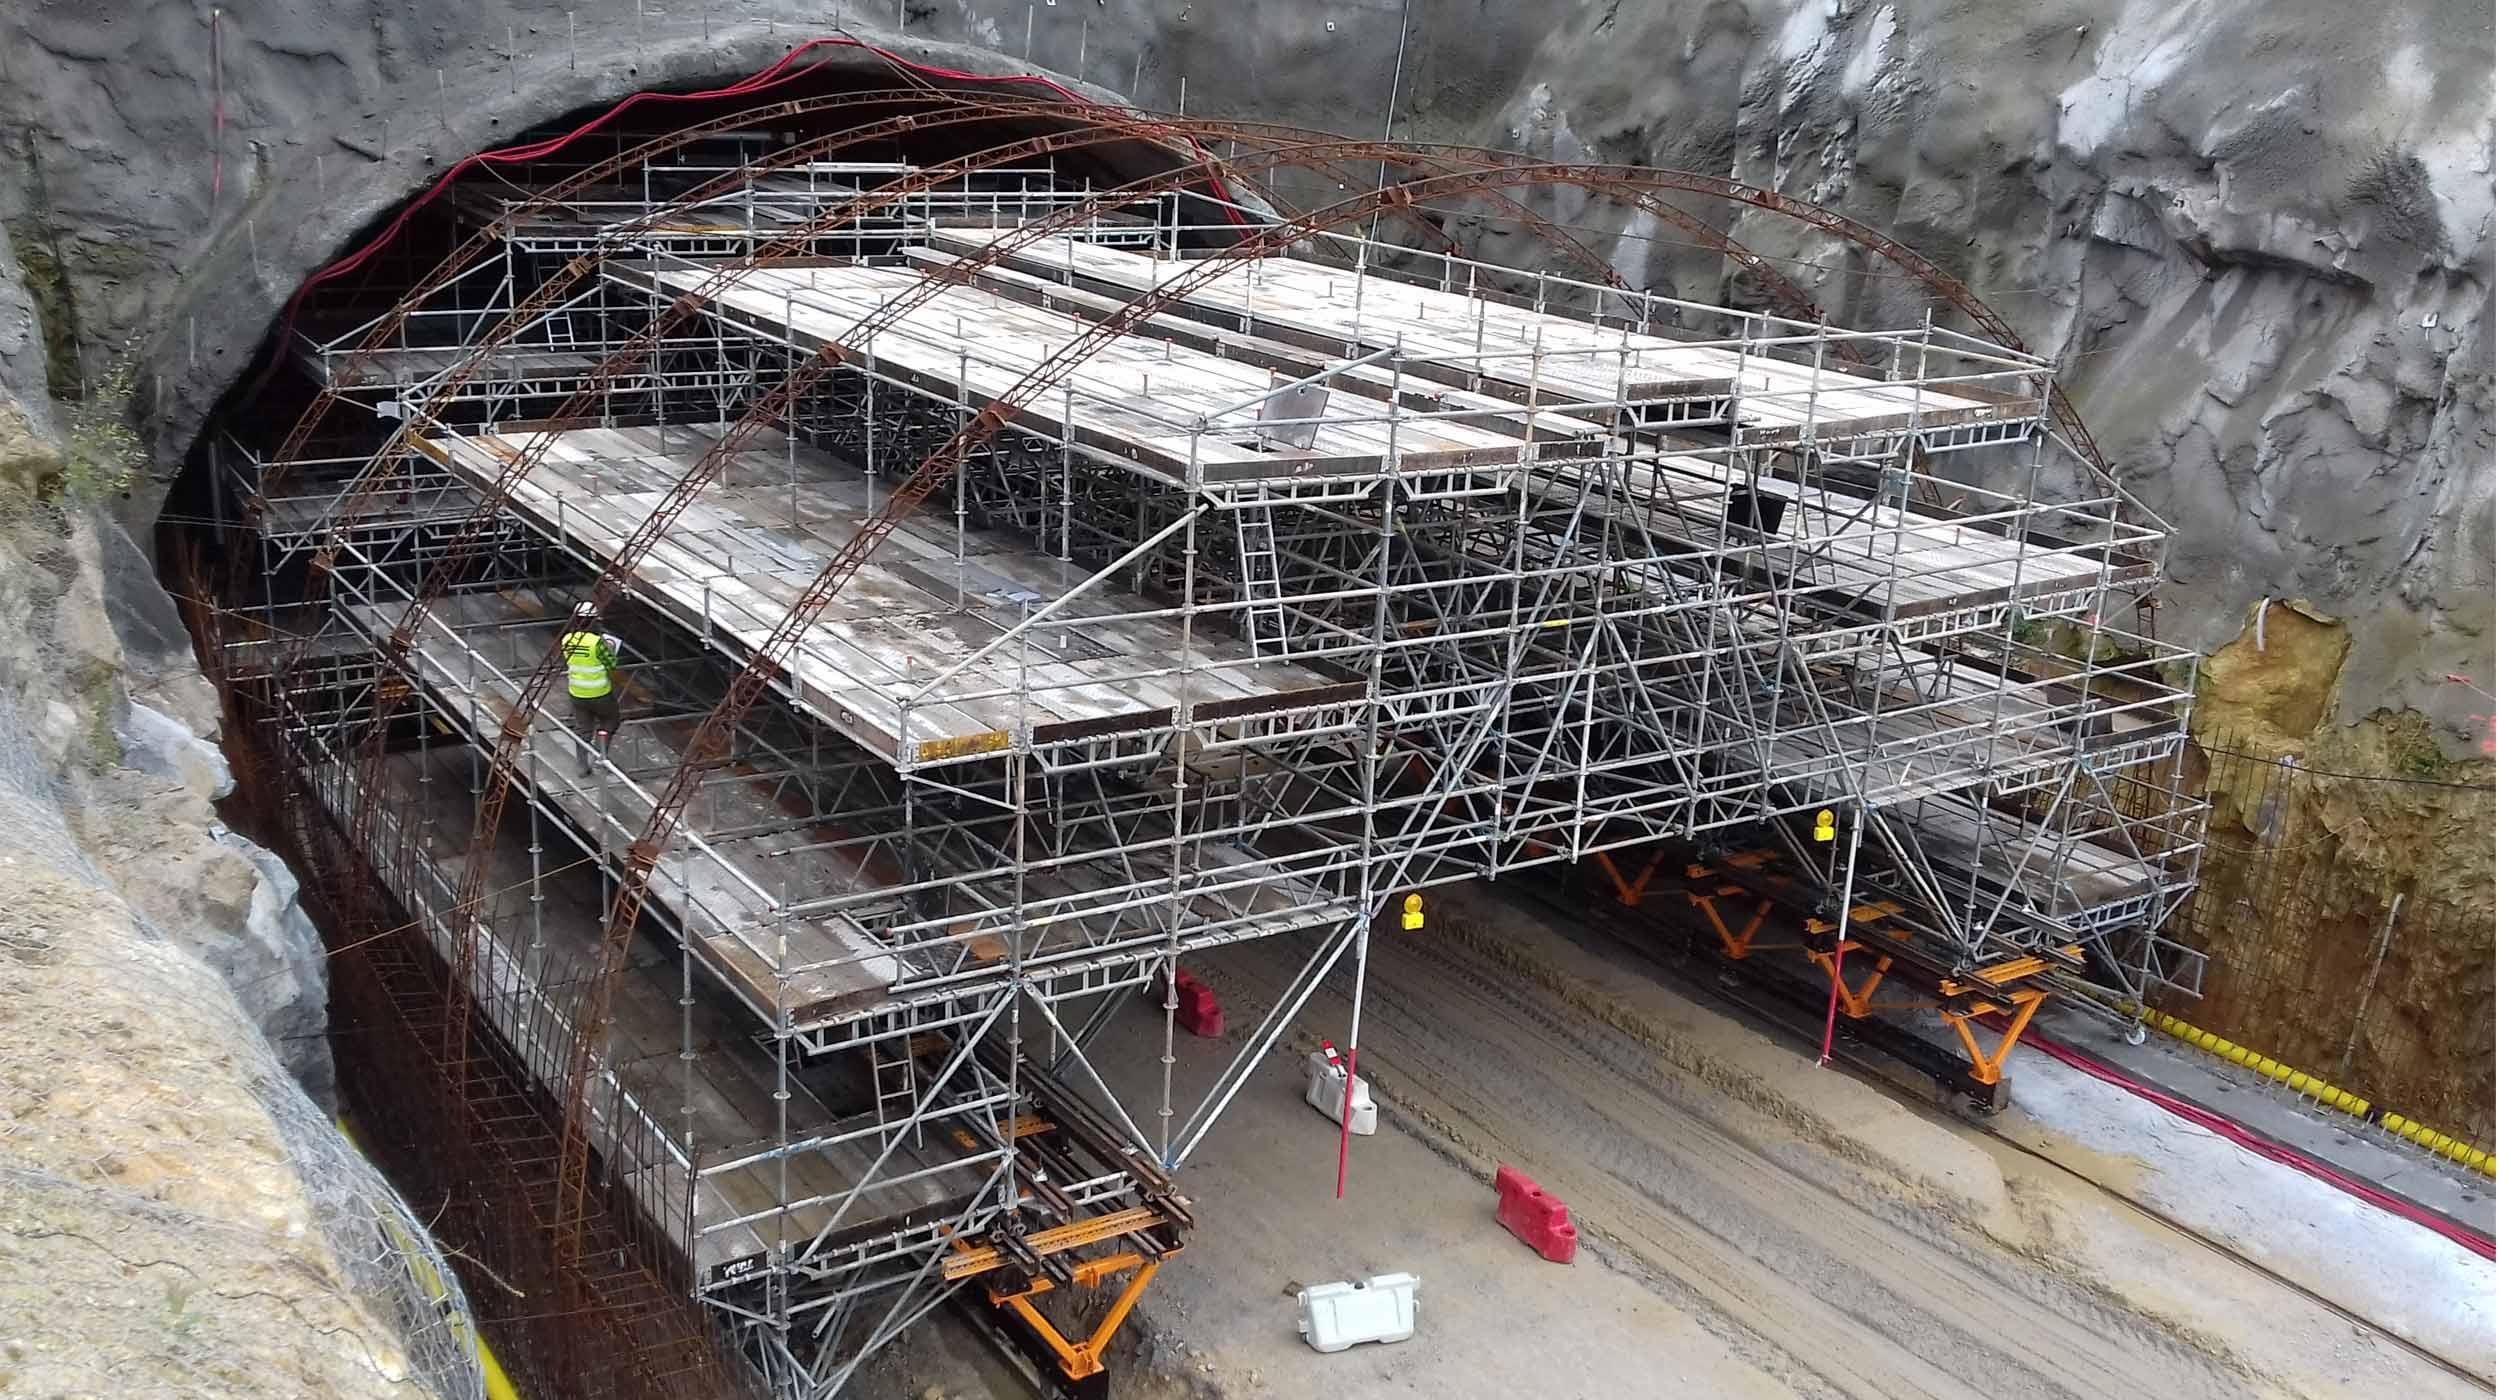 Com 19,2 m de largura, este túnel assim que concluído, vai se tornar o mais largo de toda a península ibérica.